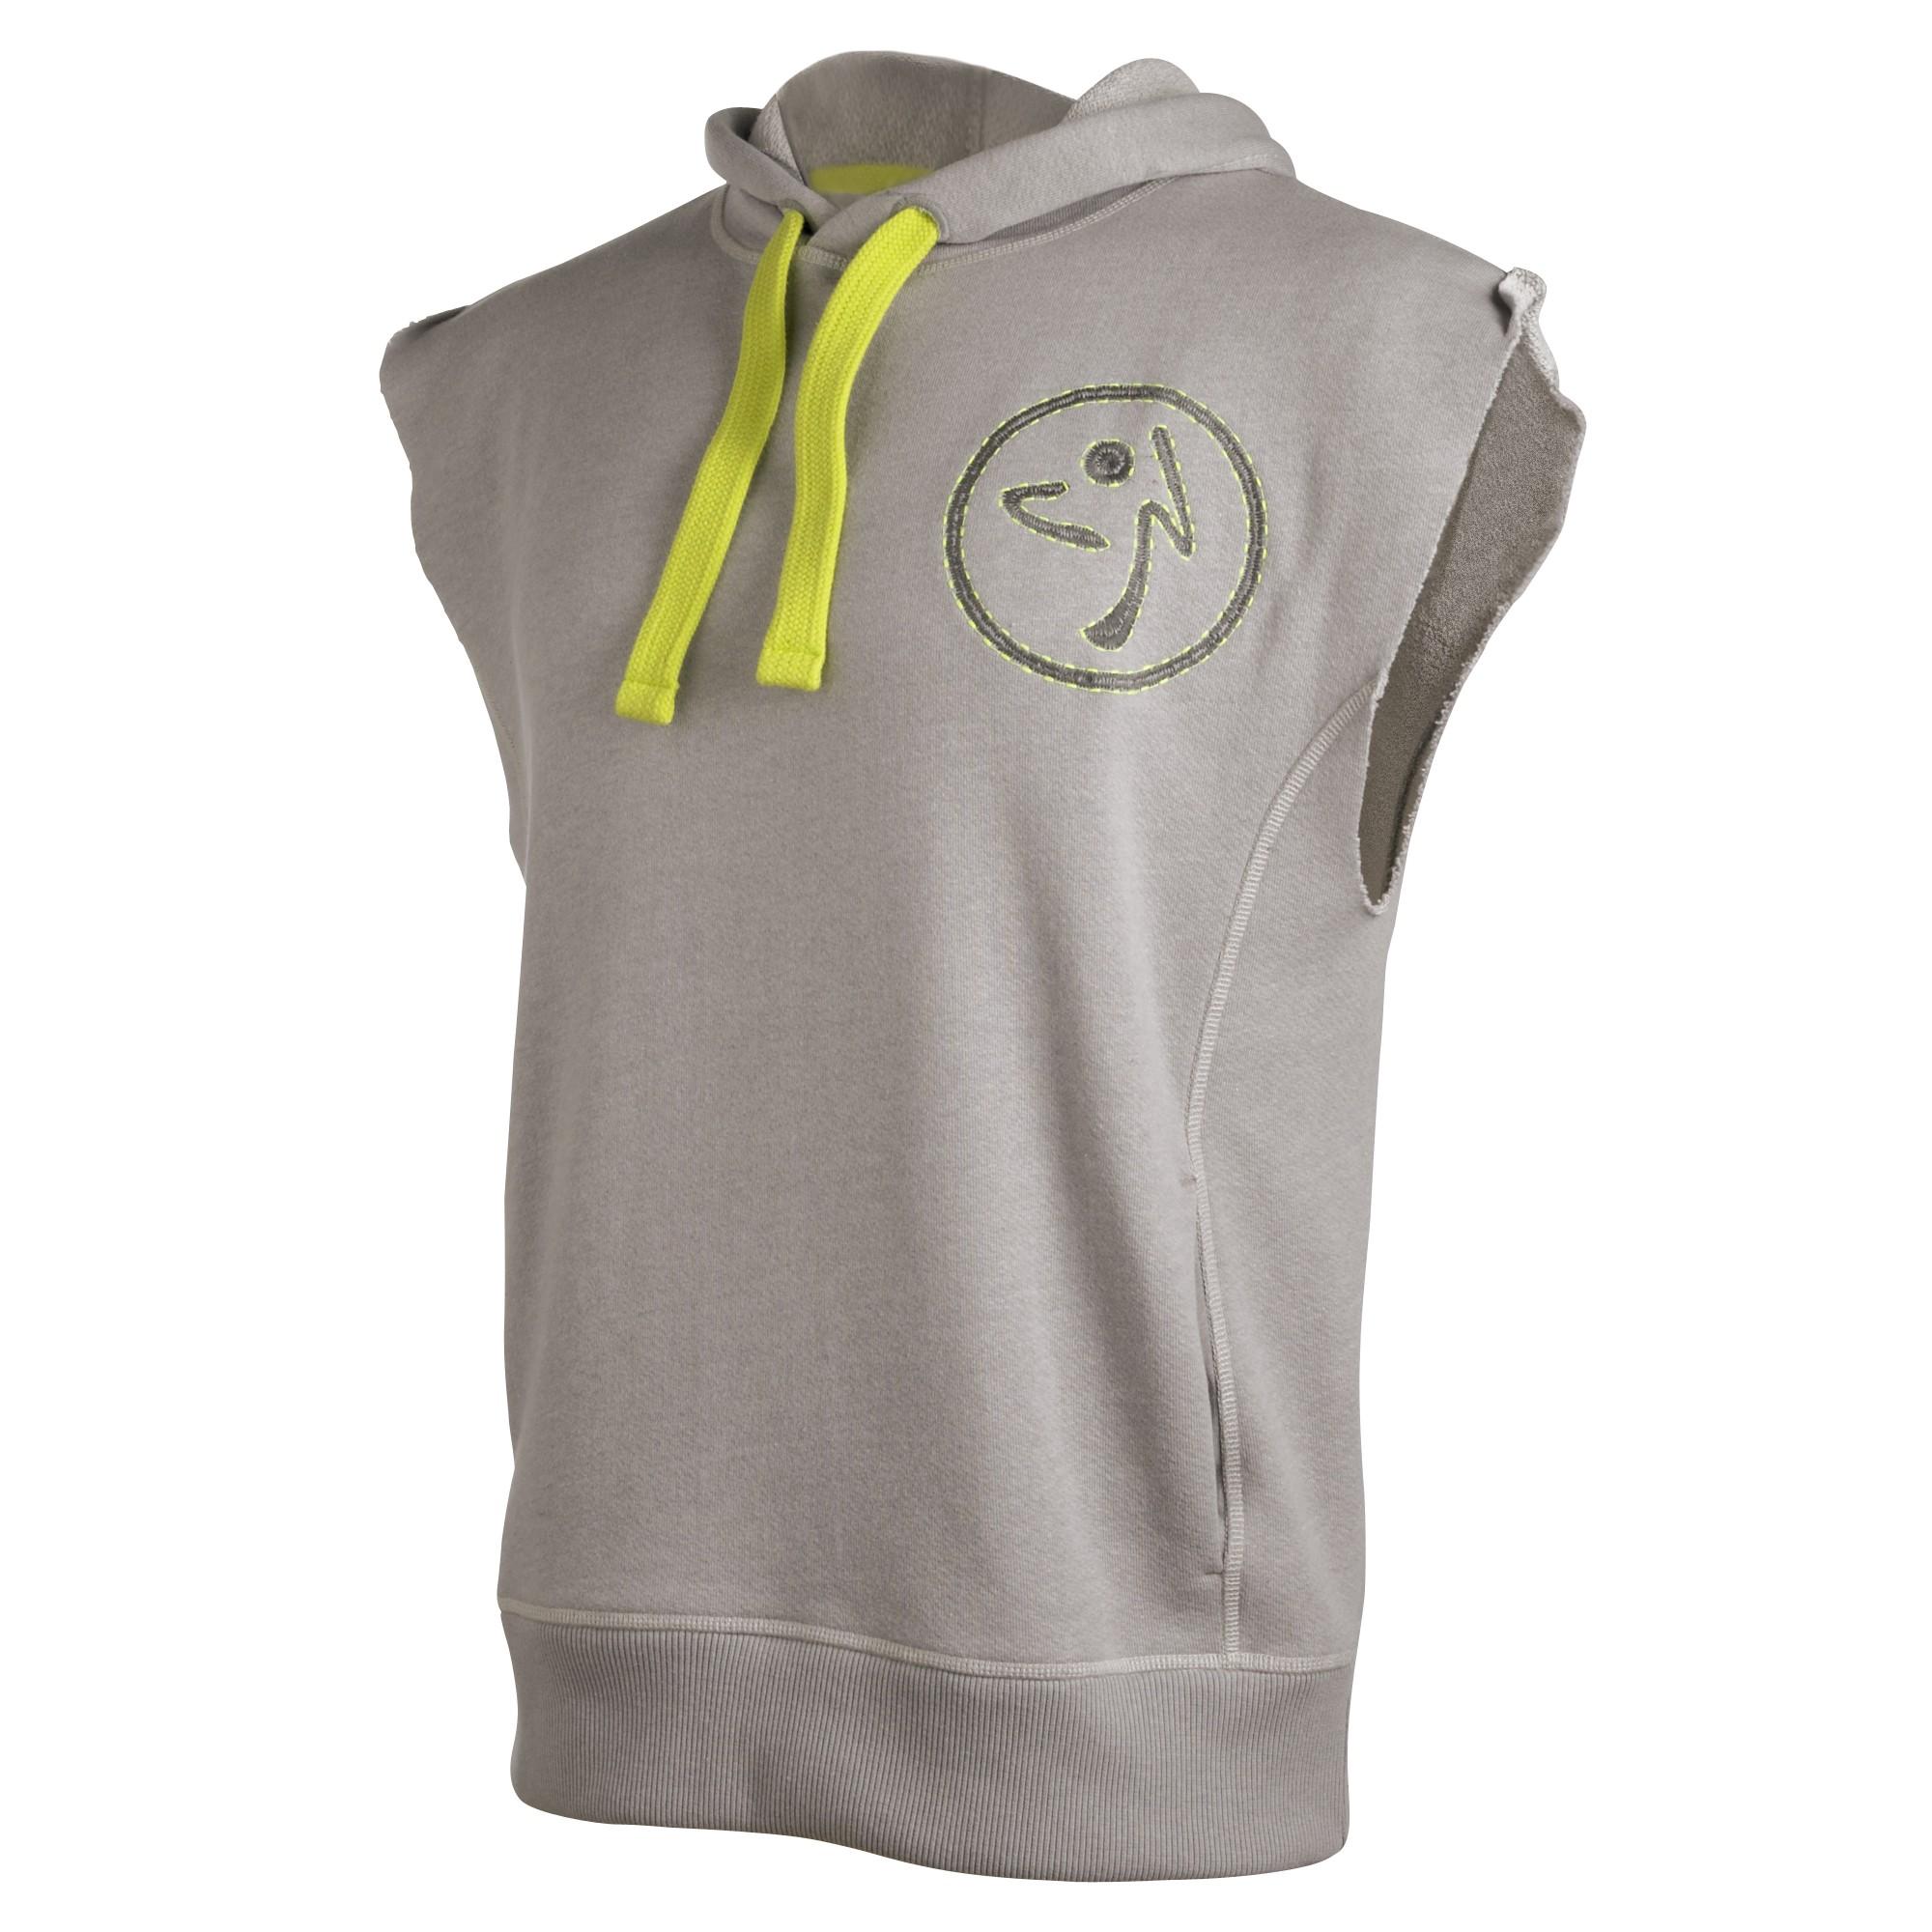 Zumba hoodies